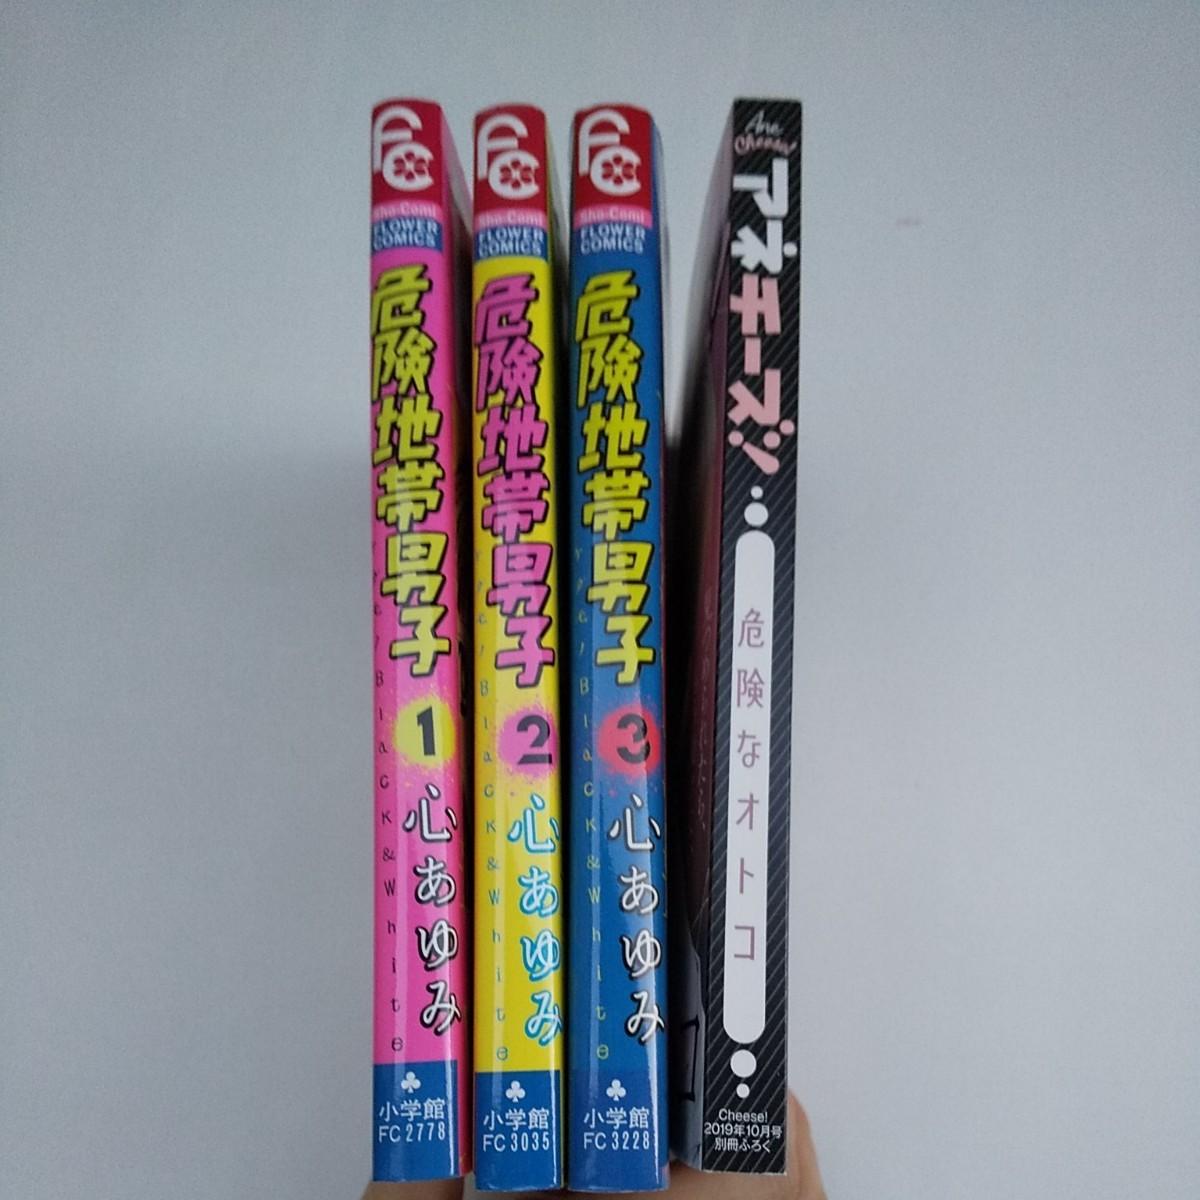 危険地帯男子 ケダモノBlack & White 全3巻セット/心あゆみ